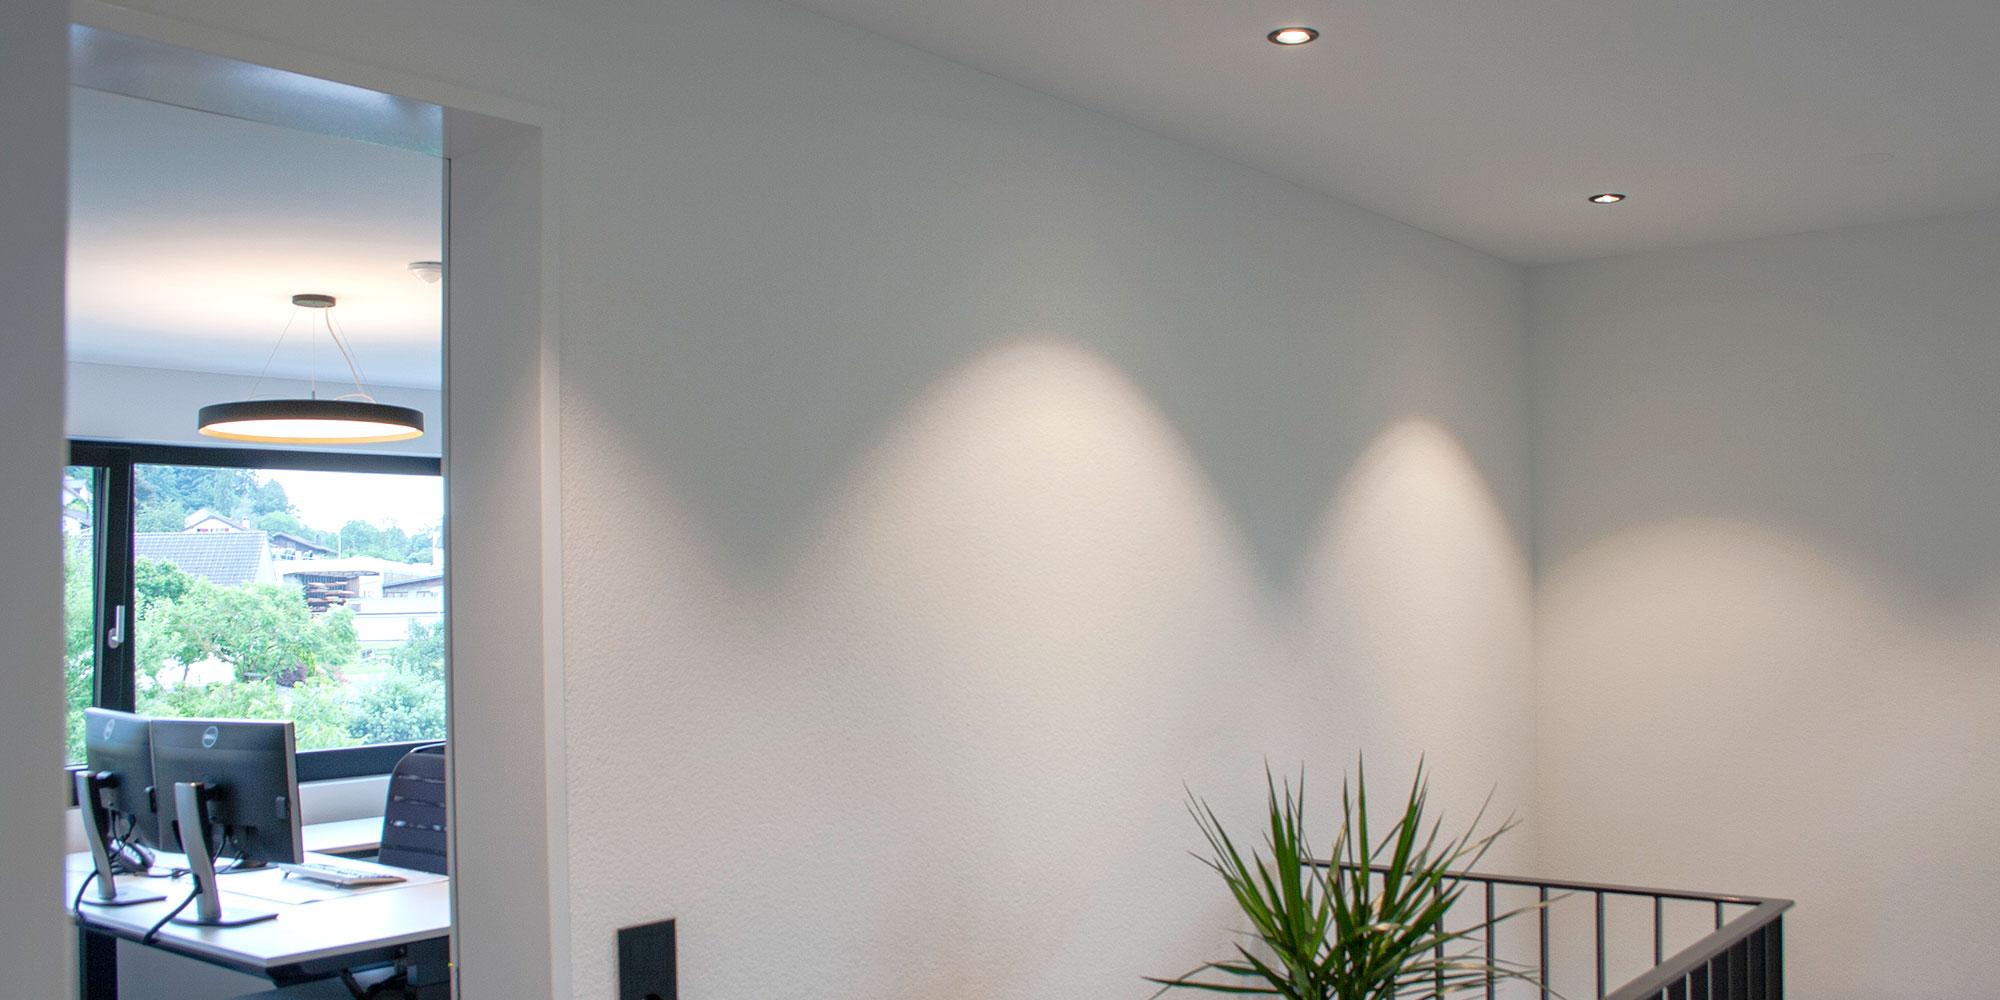 Der Flurbereich ist mit Einbauspots von Karizma Luce perfekt grundbeleuchtet.